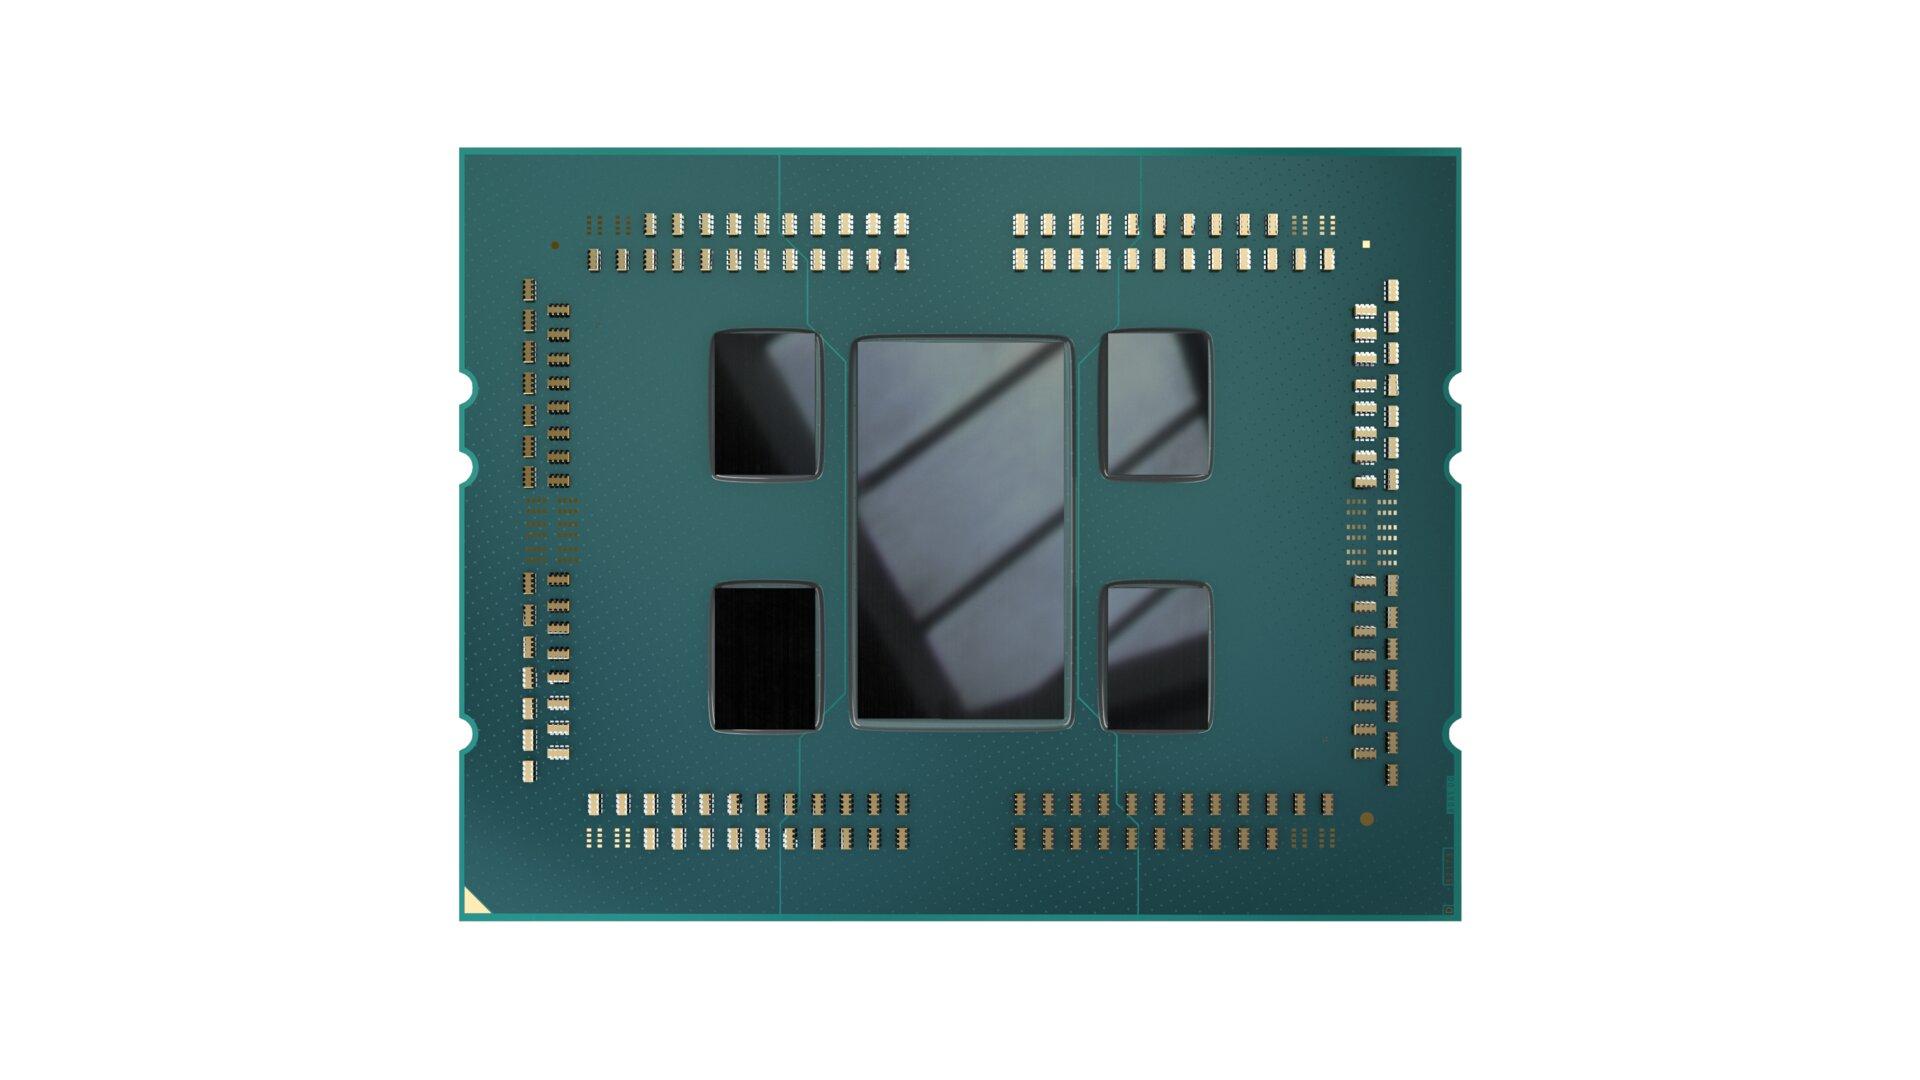 Ein Threadripper 3000 besteht aktuell aus fünf Chips